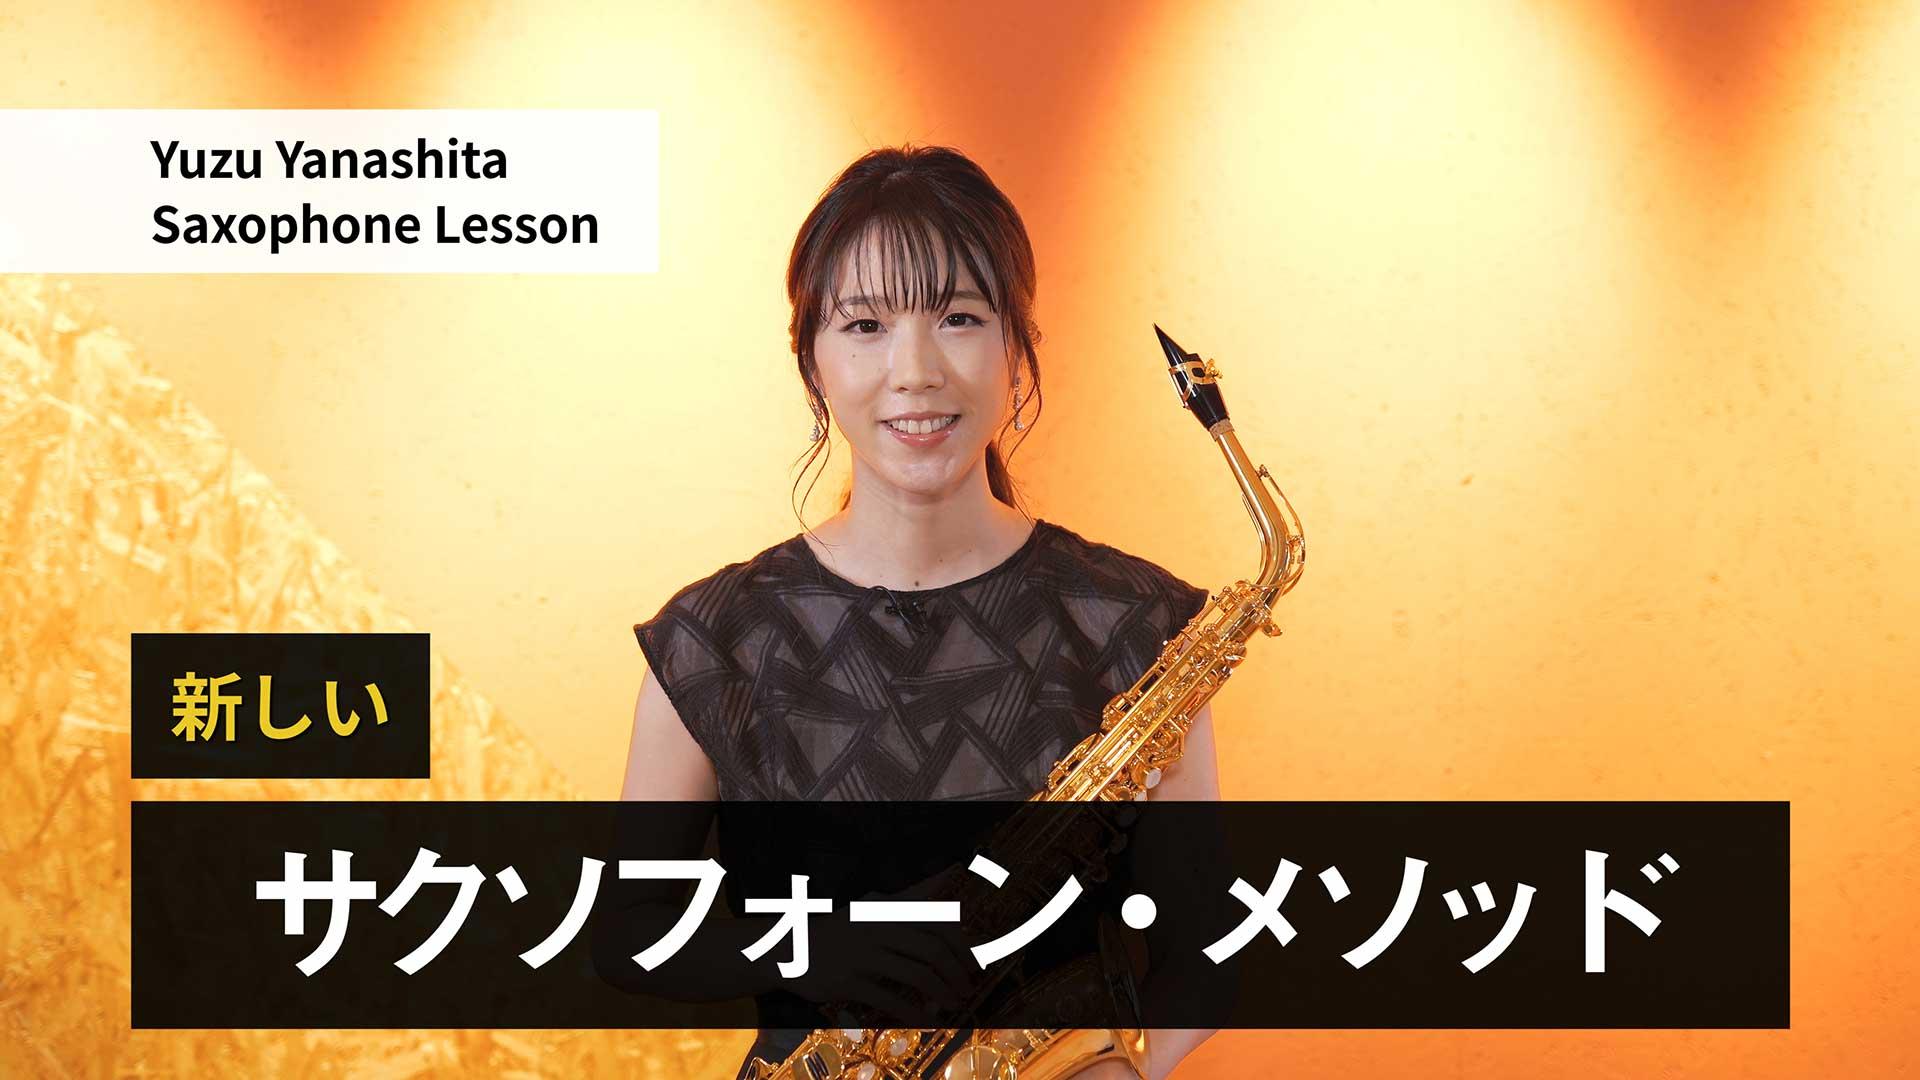 【PR映像】東京藝大博士のサックスプレーヤー柳下柚子のデジタル教本 撮影・編集